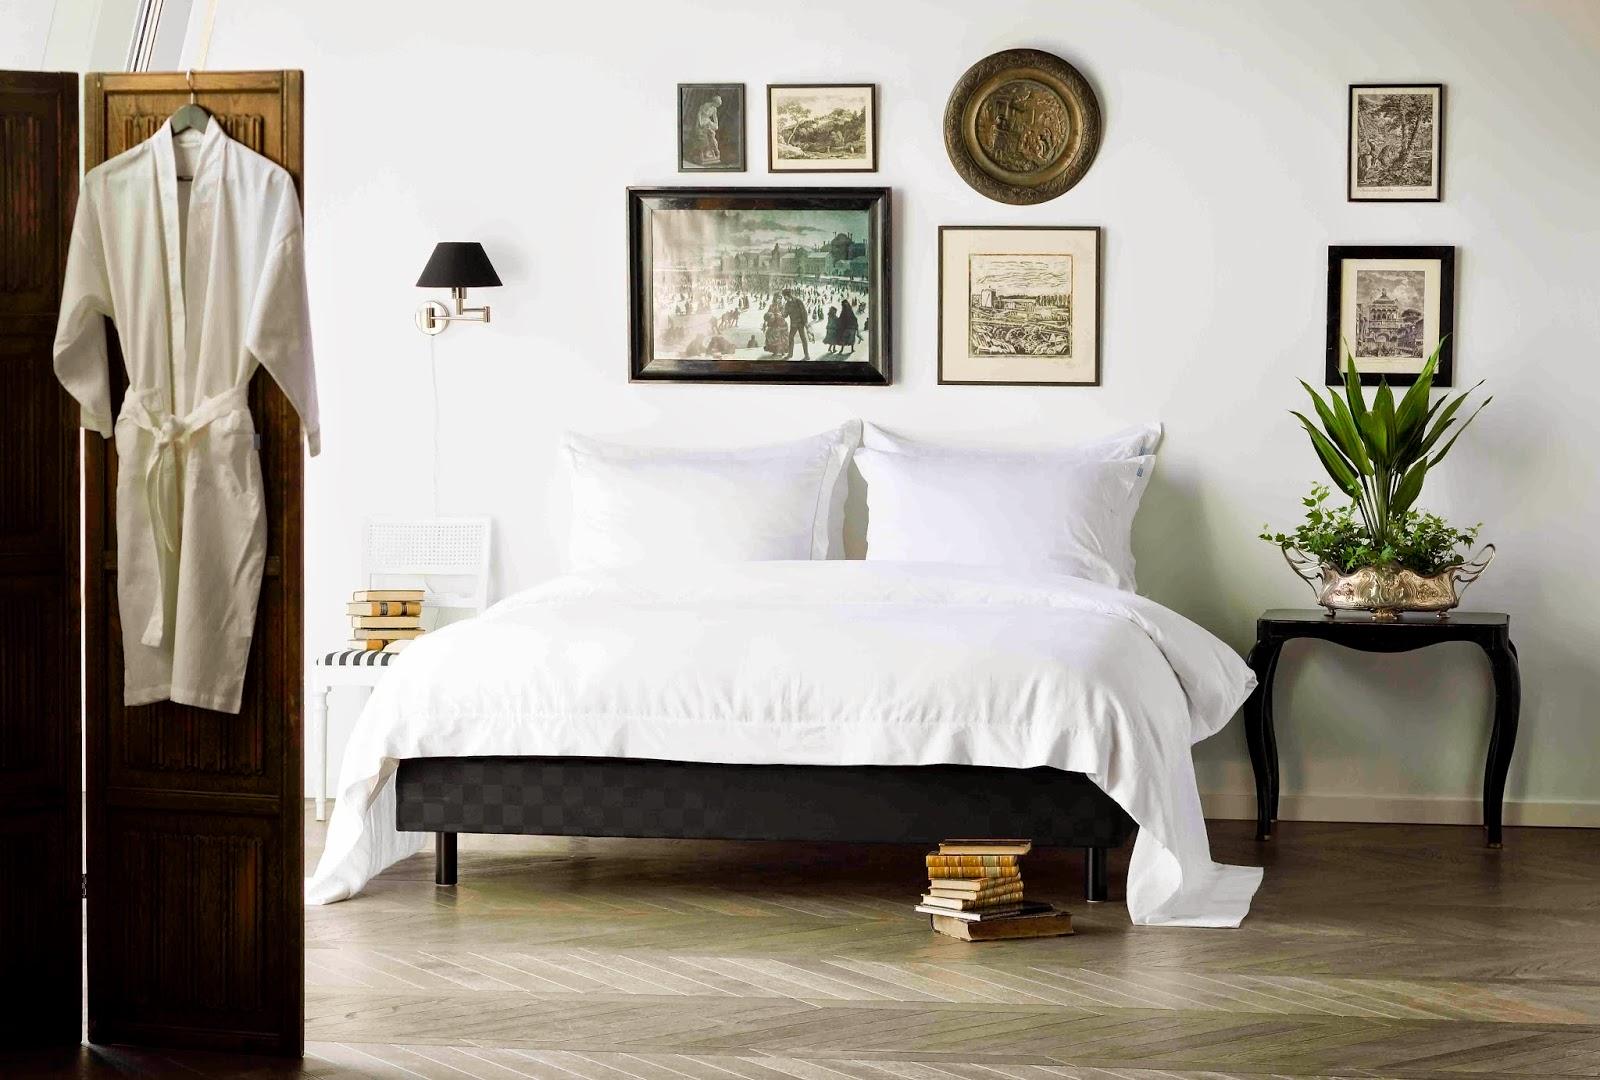 łóżka wysoka jakość